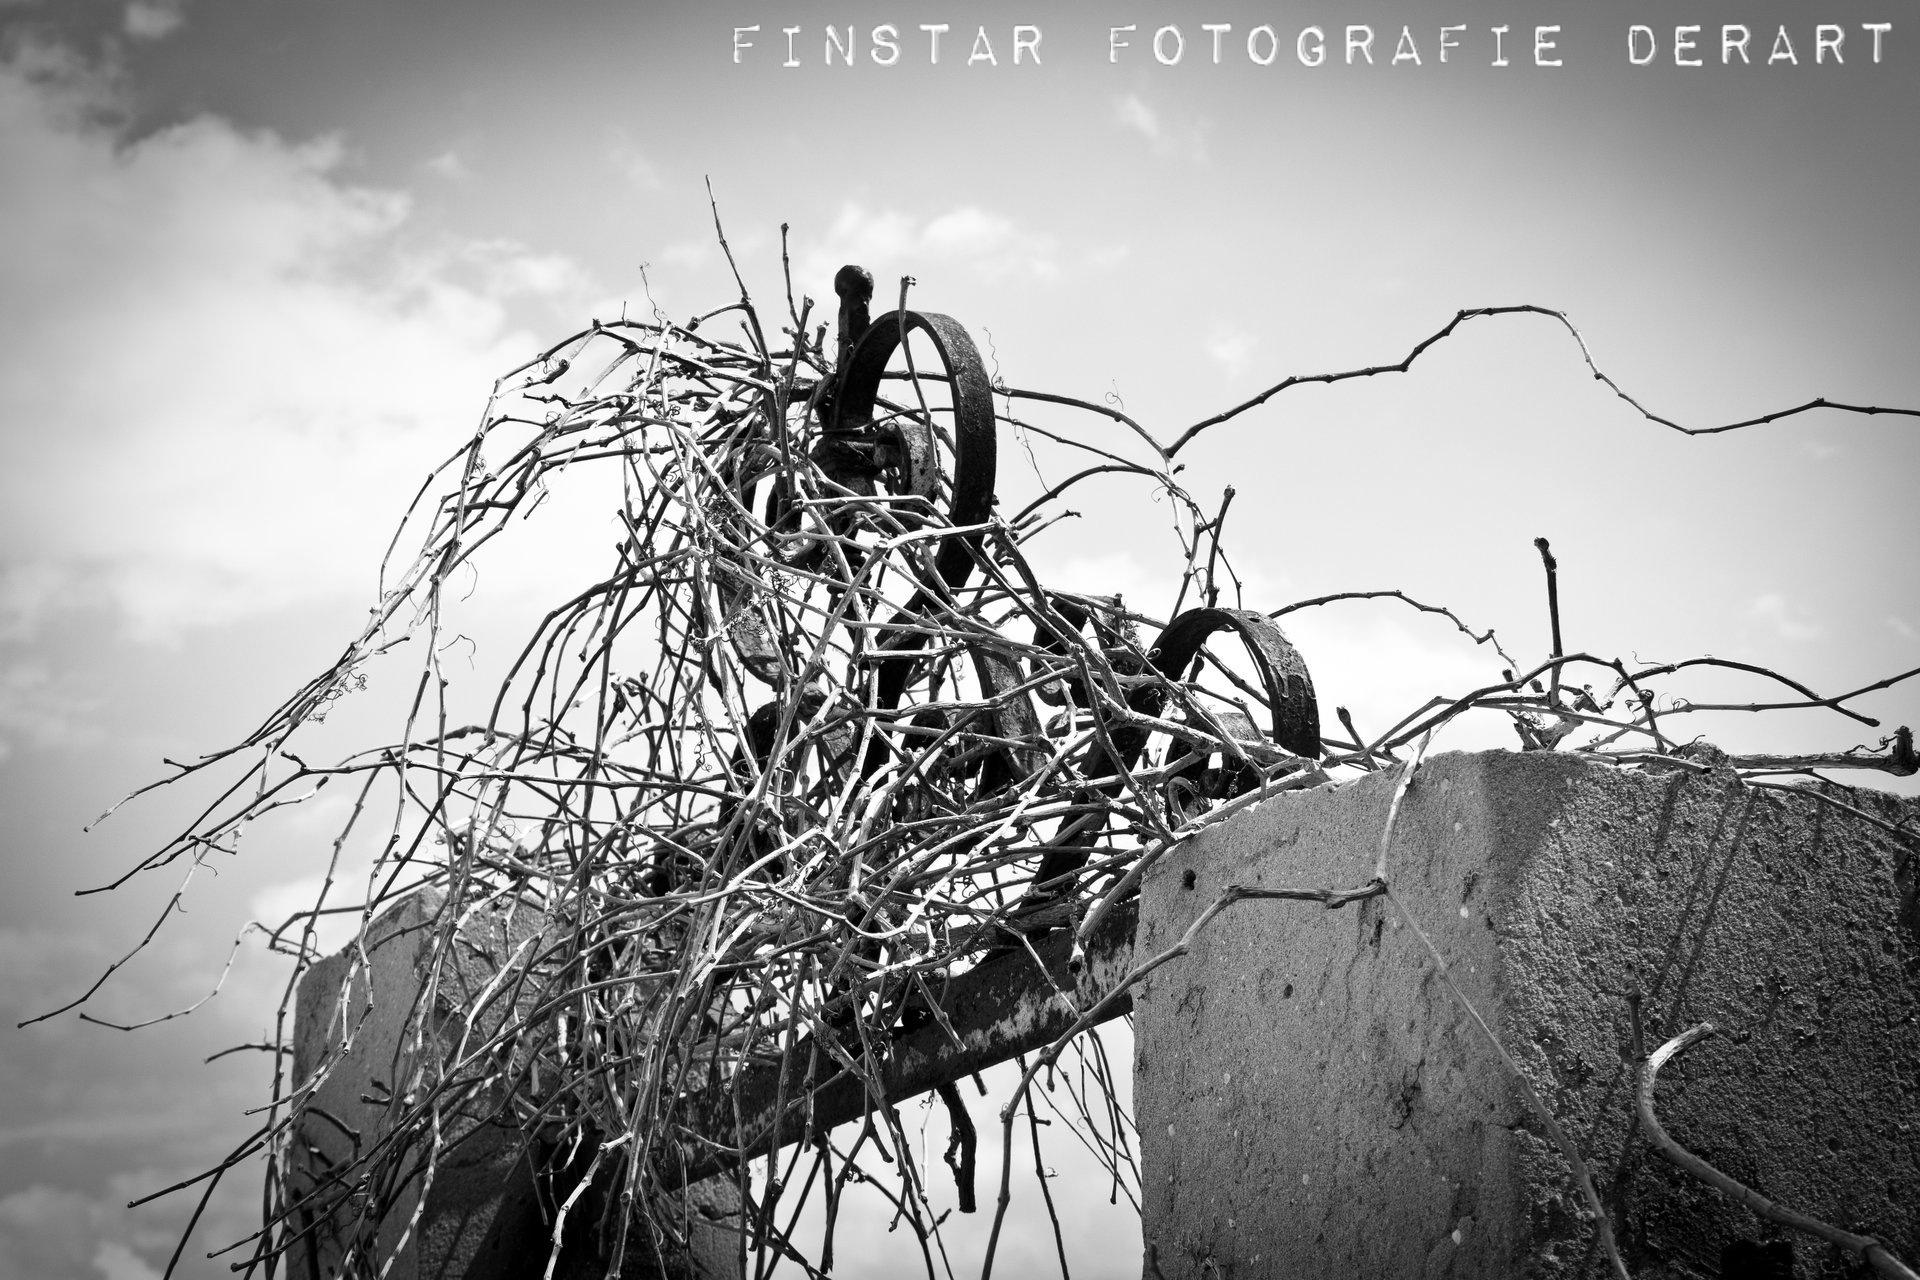 TheEnd by F1n5tar